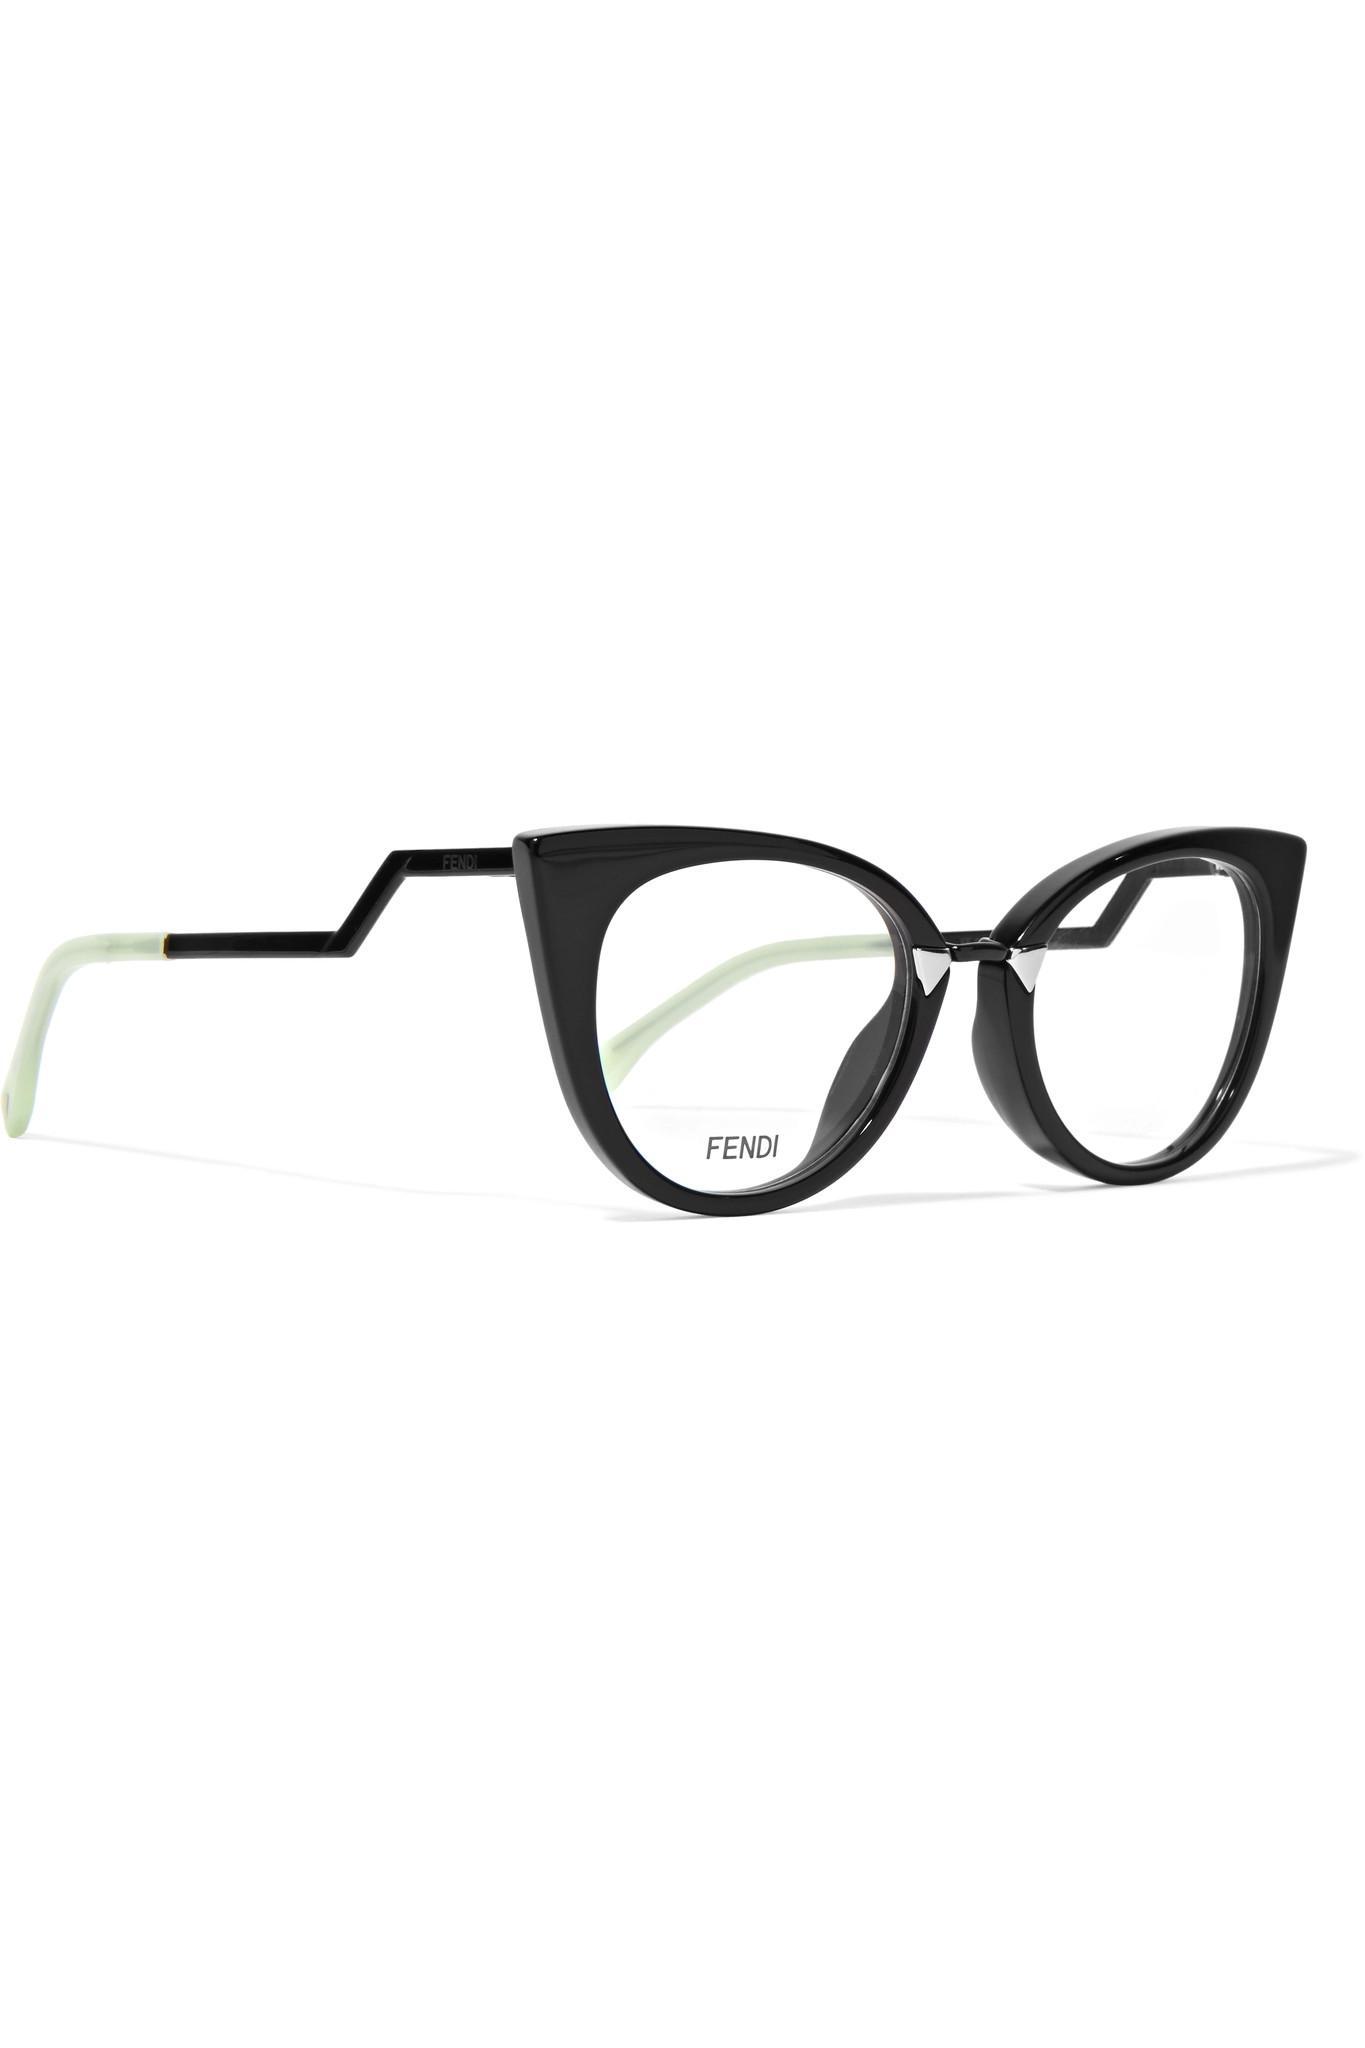 Fendi Optical Glasses - Best Glasses Cnapracticetesting.Com 2018